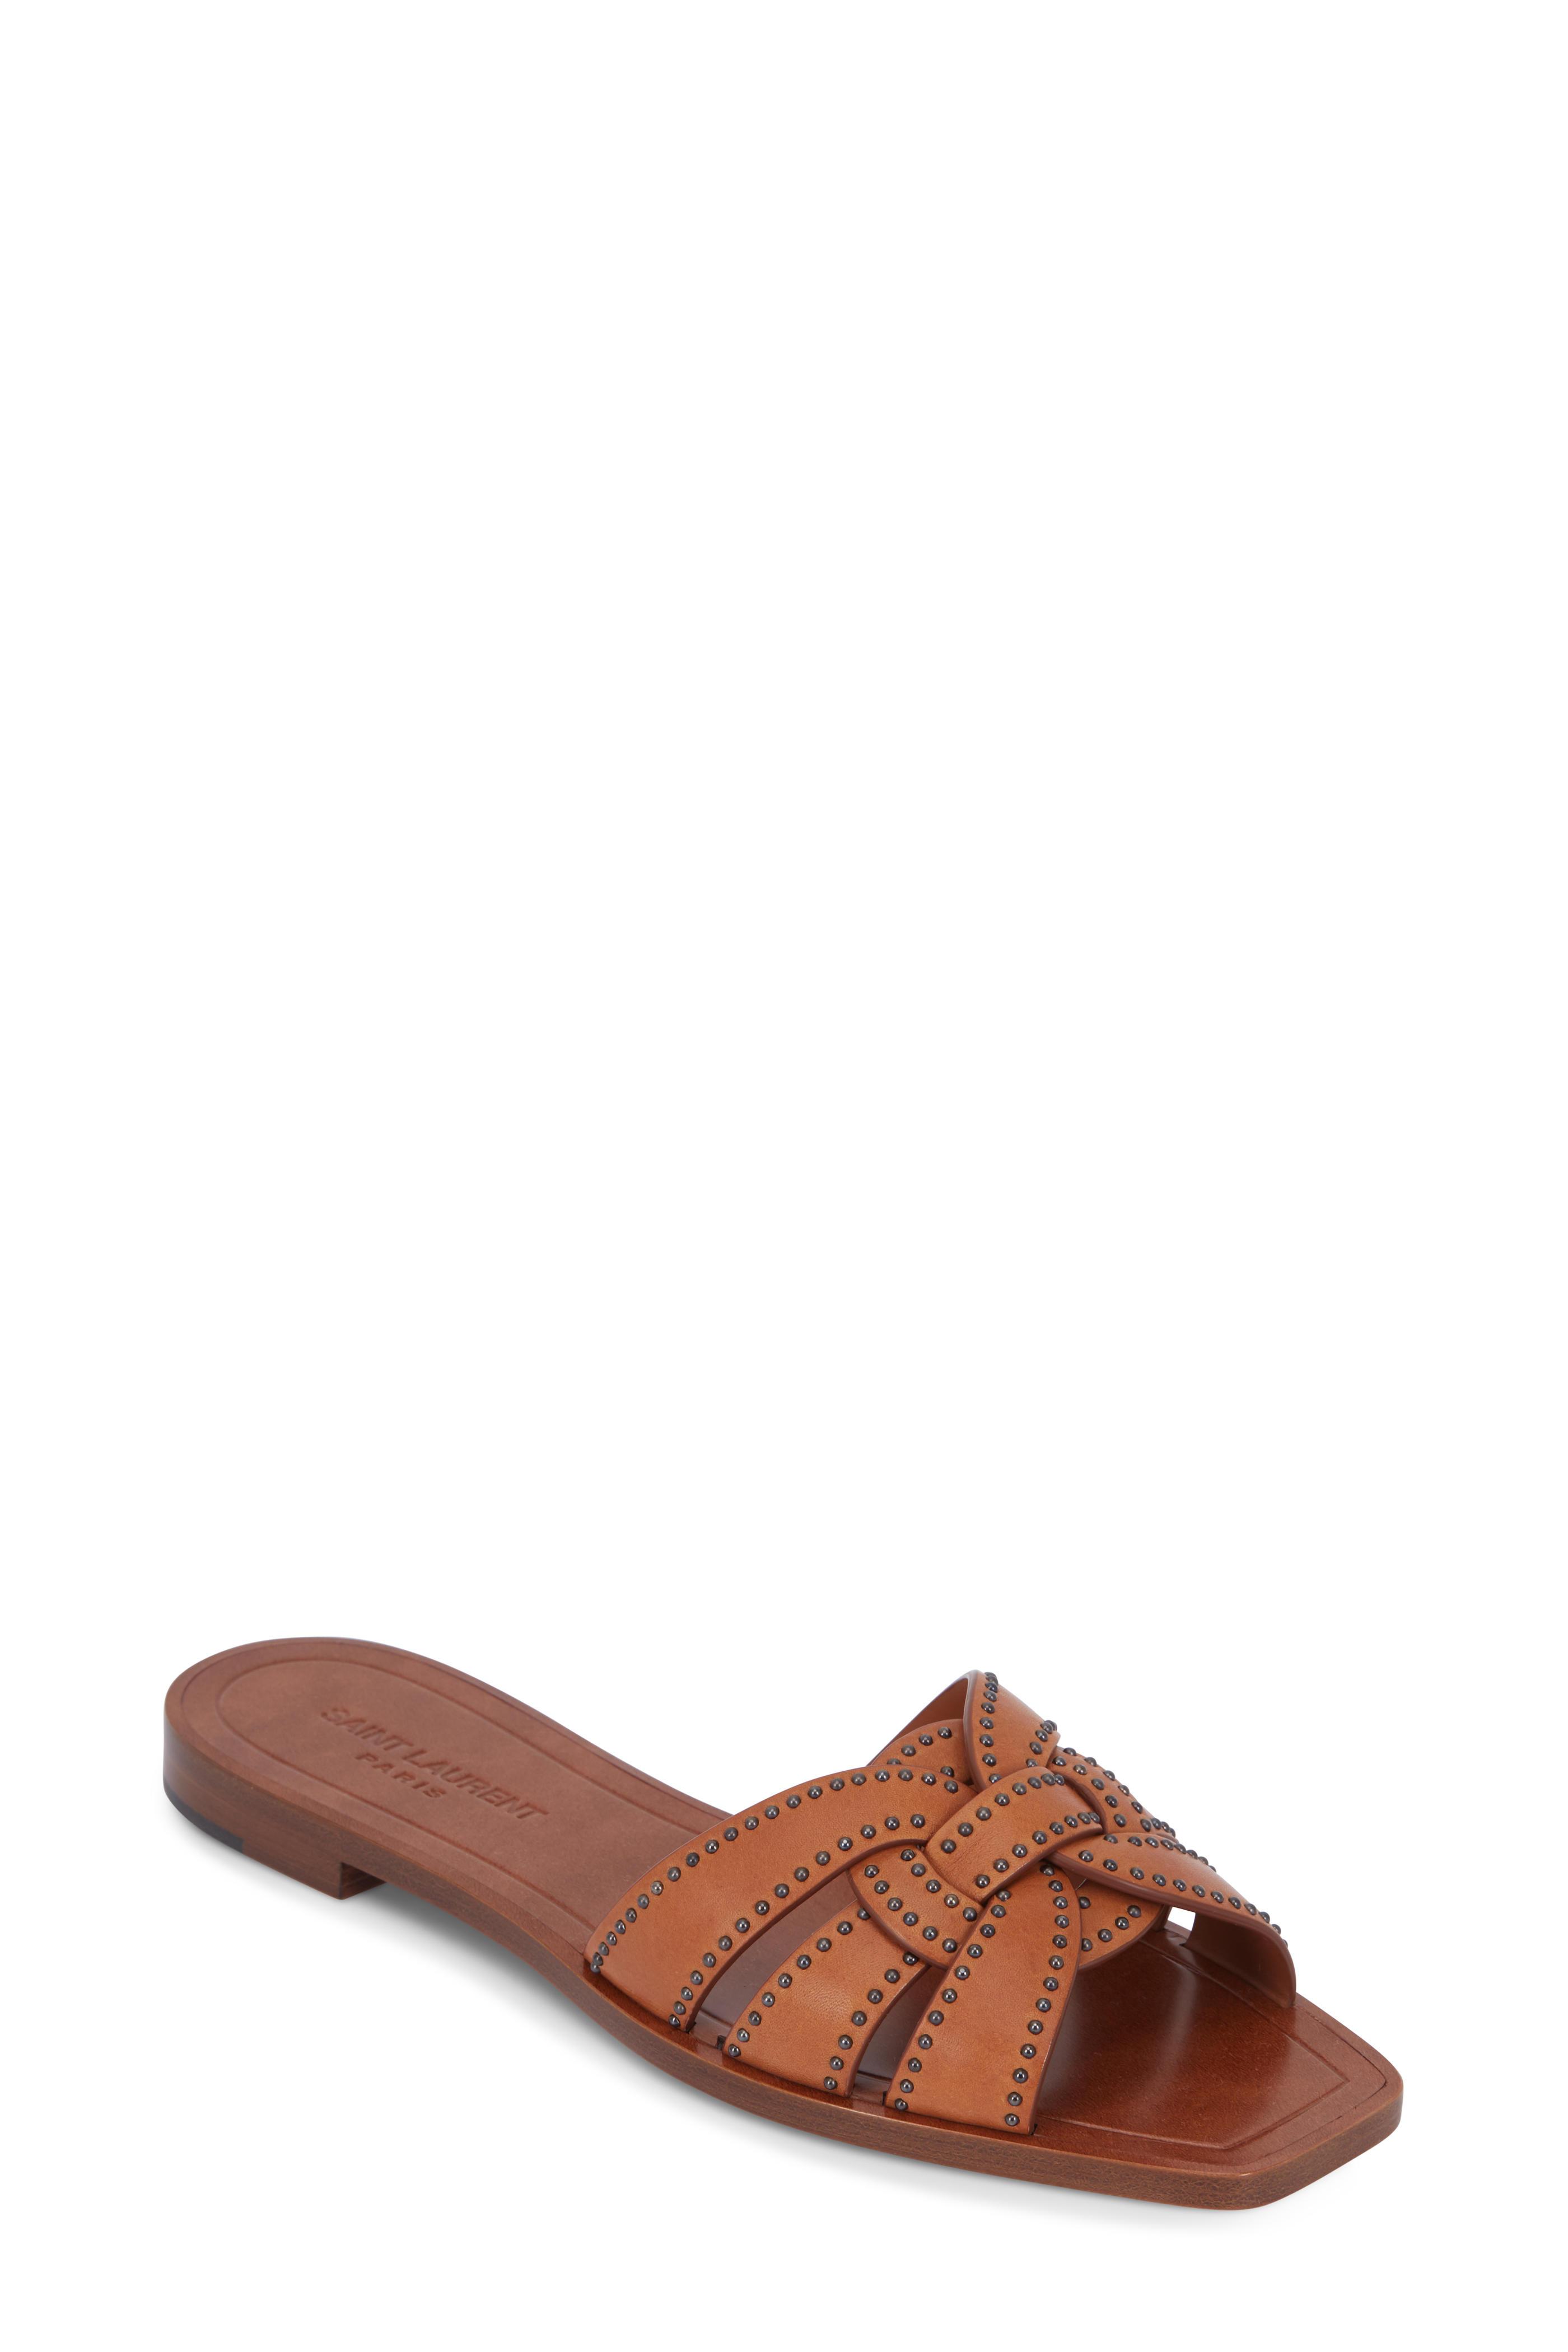 5bd022494fb Saint Laurent - Nu Pieds Tribute Tan Studded Flat Sandal